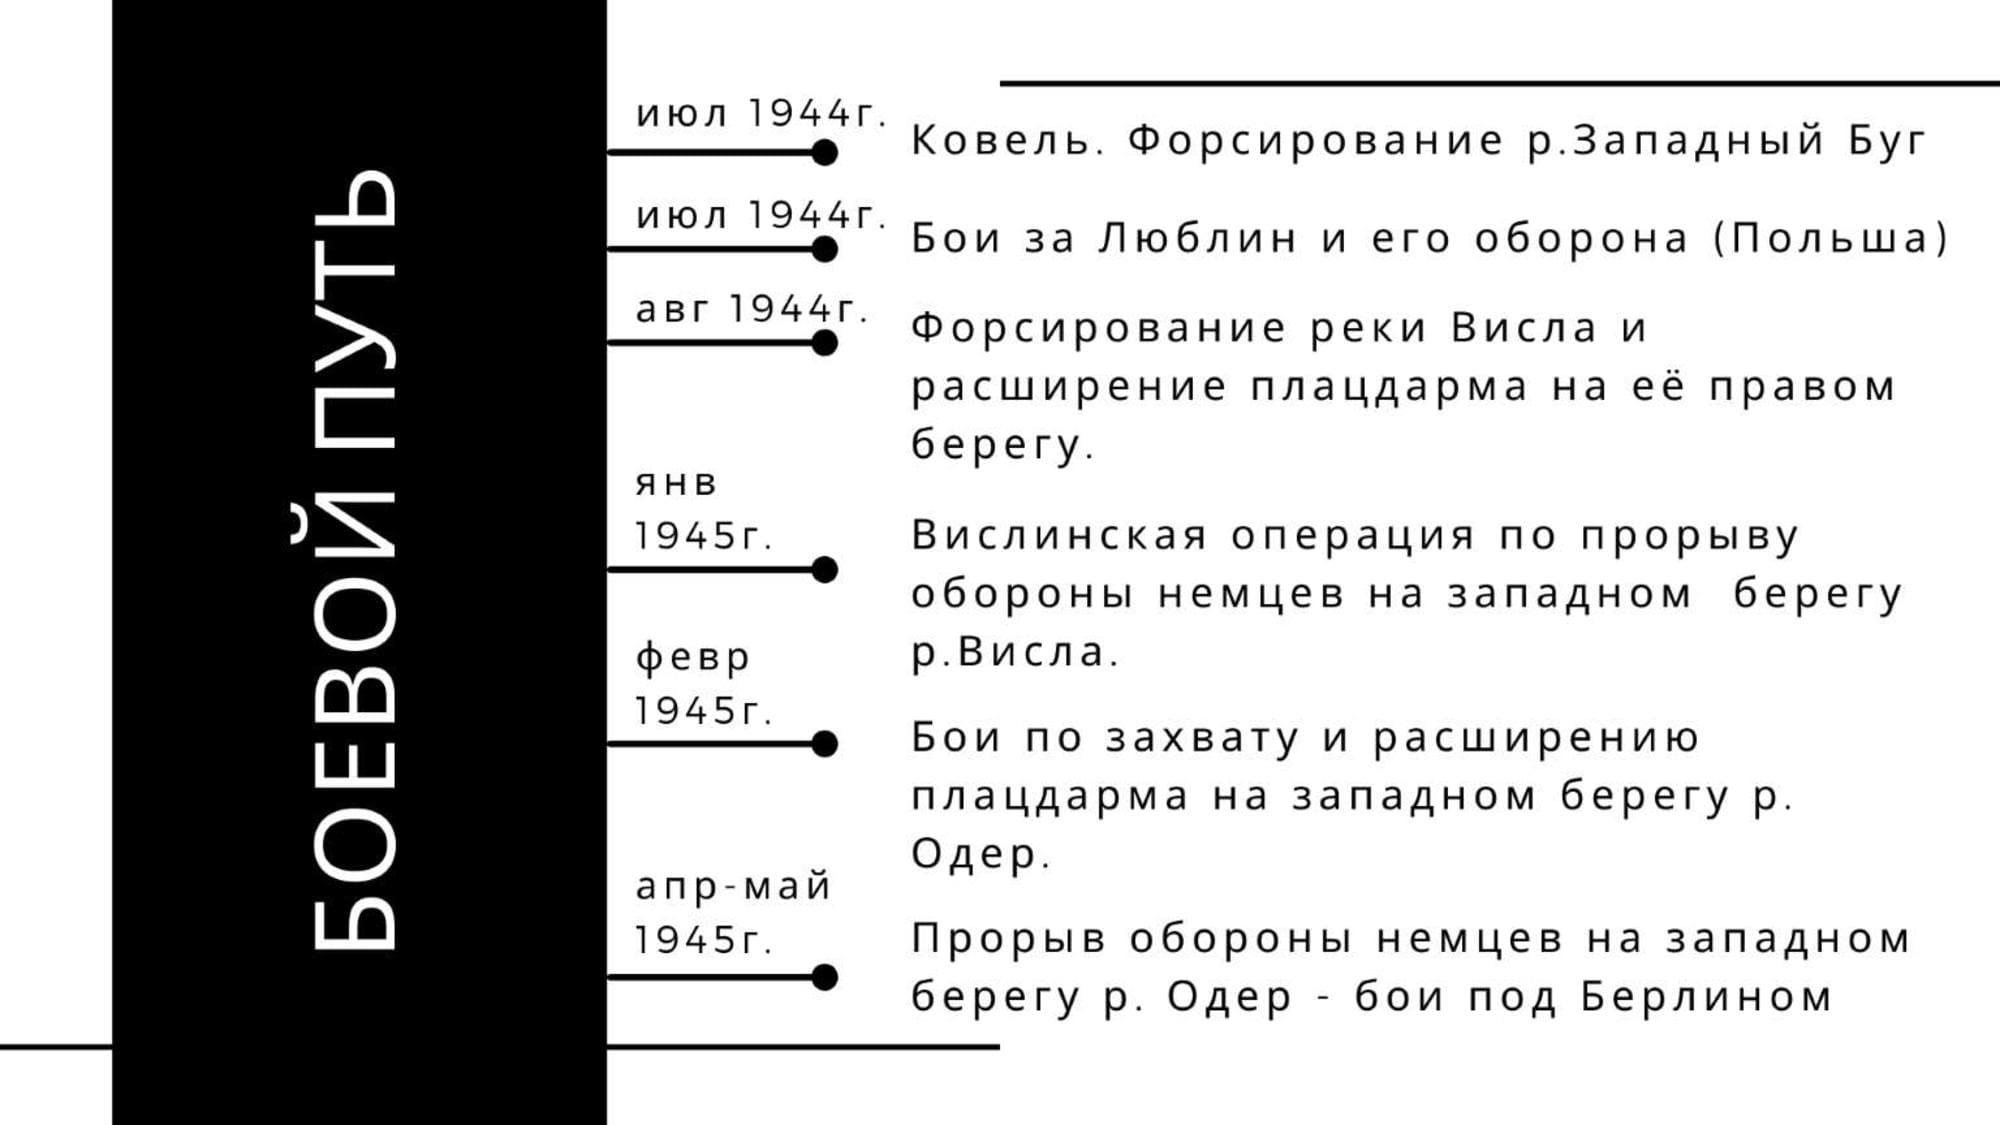 Боевой путь - июль 1944 - май 1945 гг.